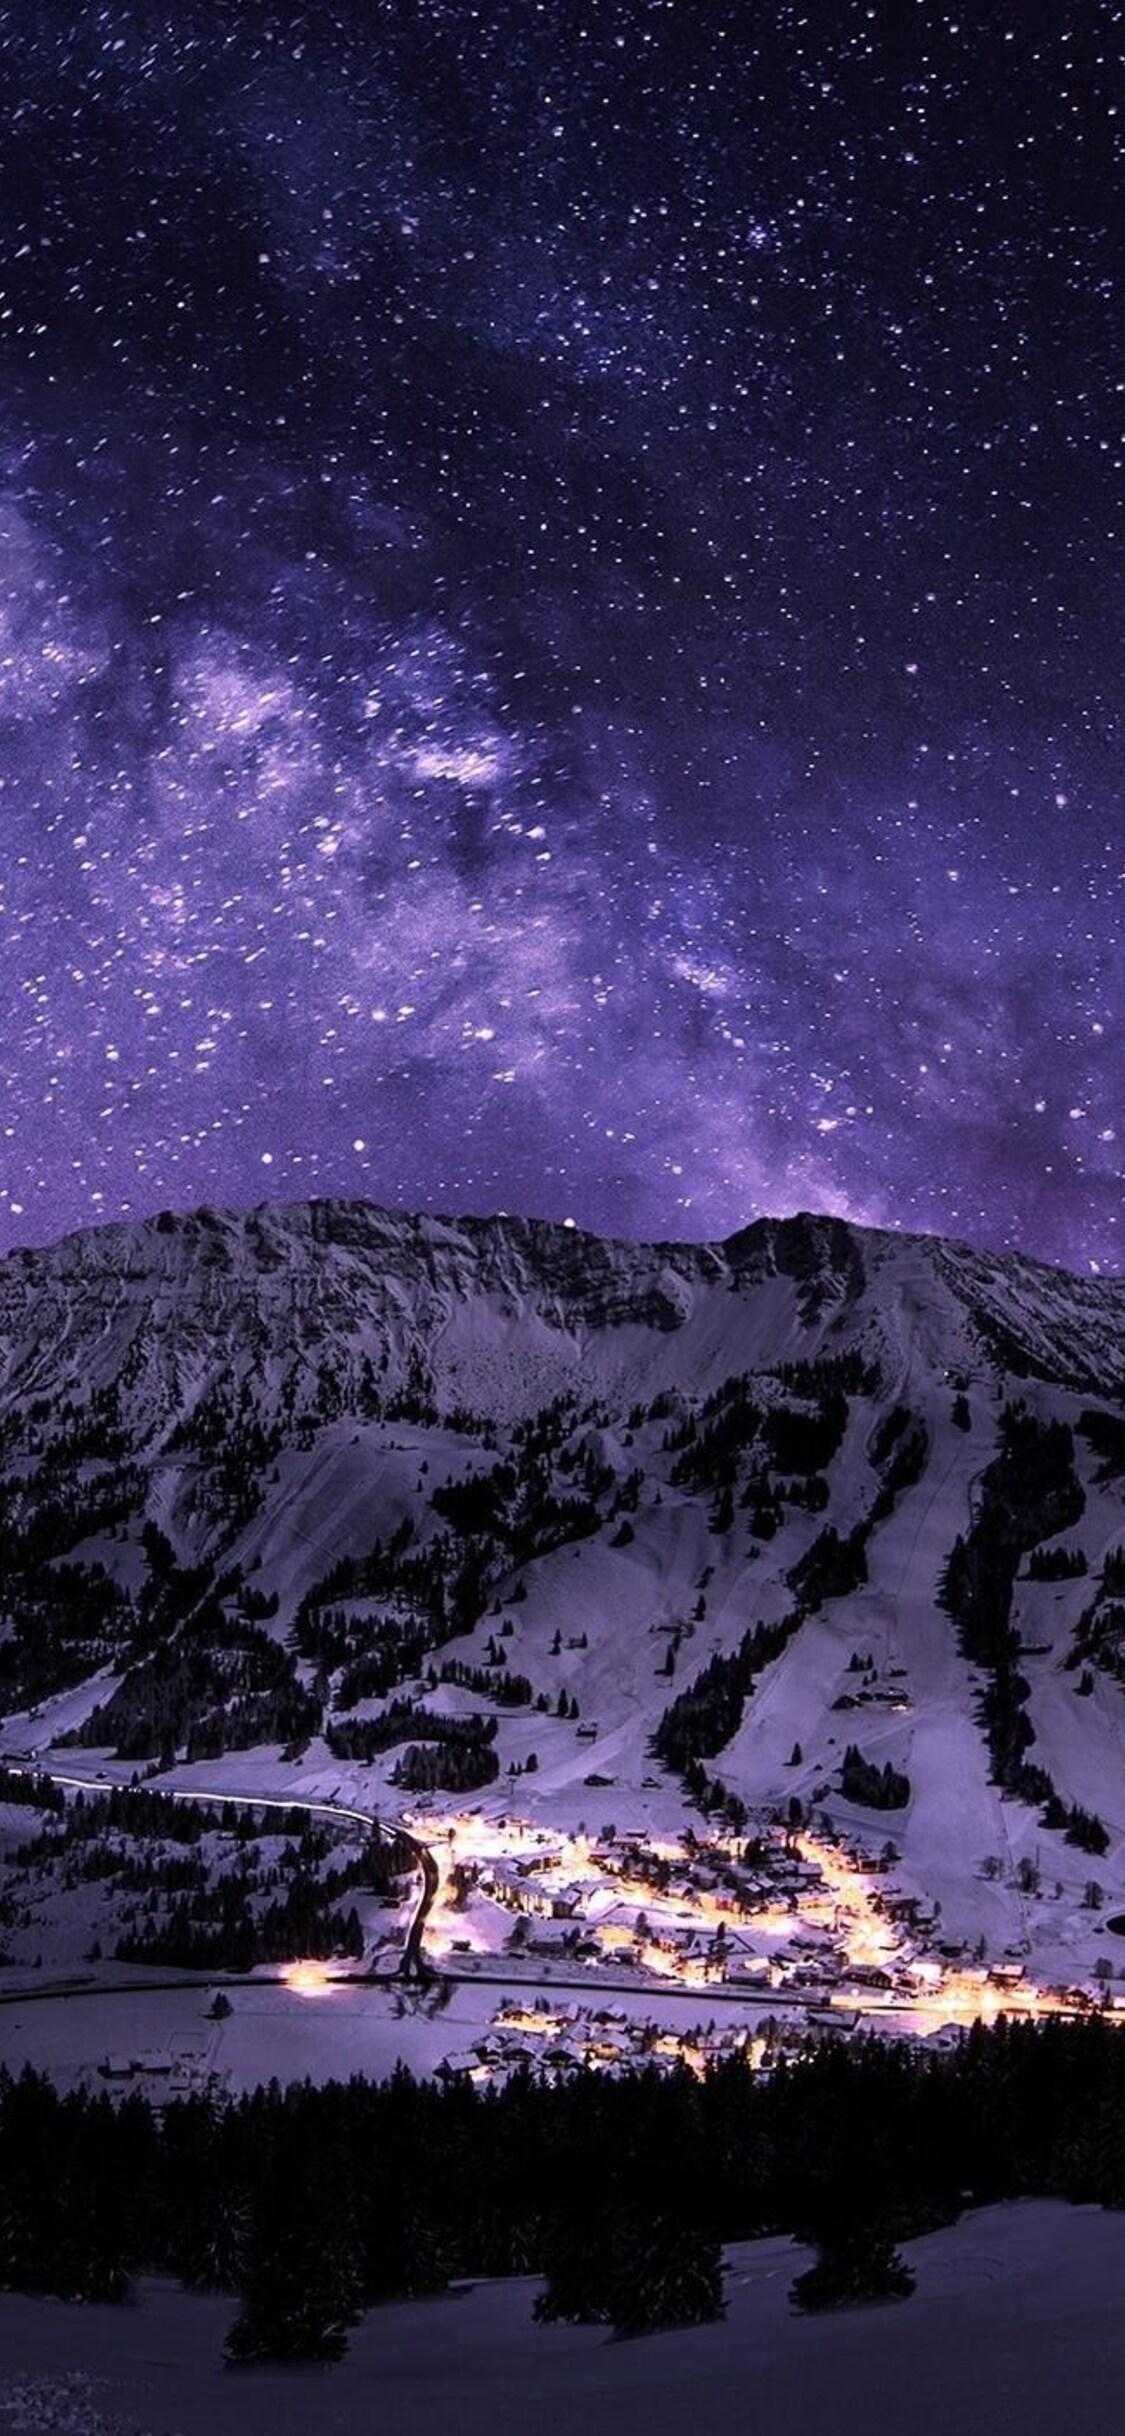 Stars Night Galaxy 4k Jpg